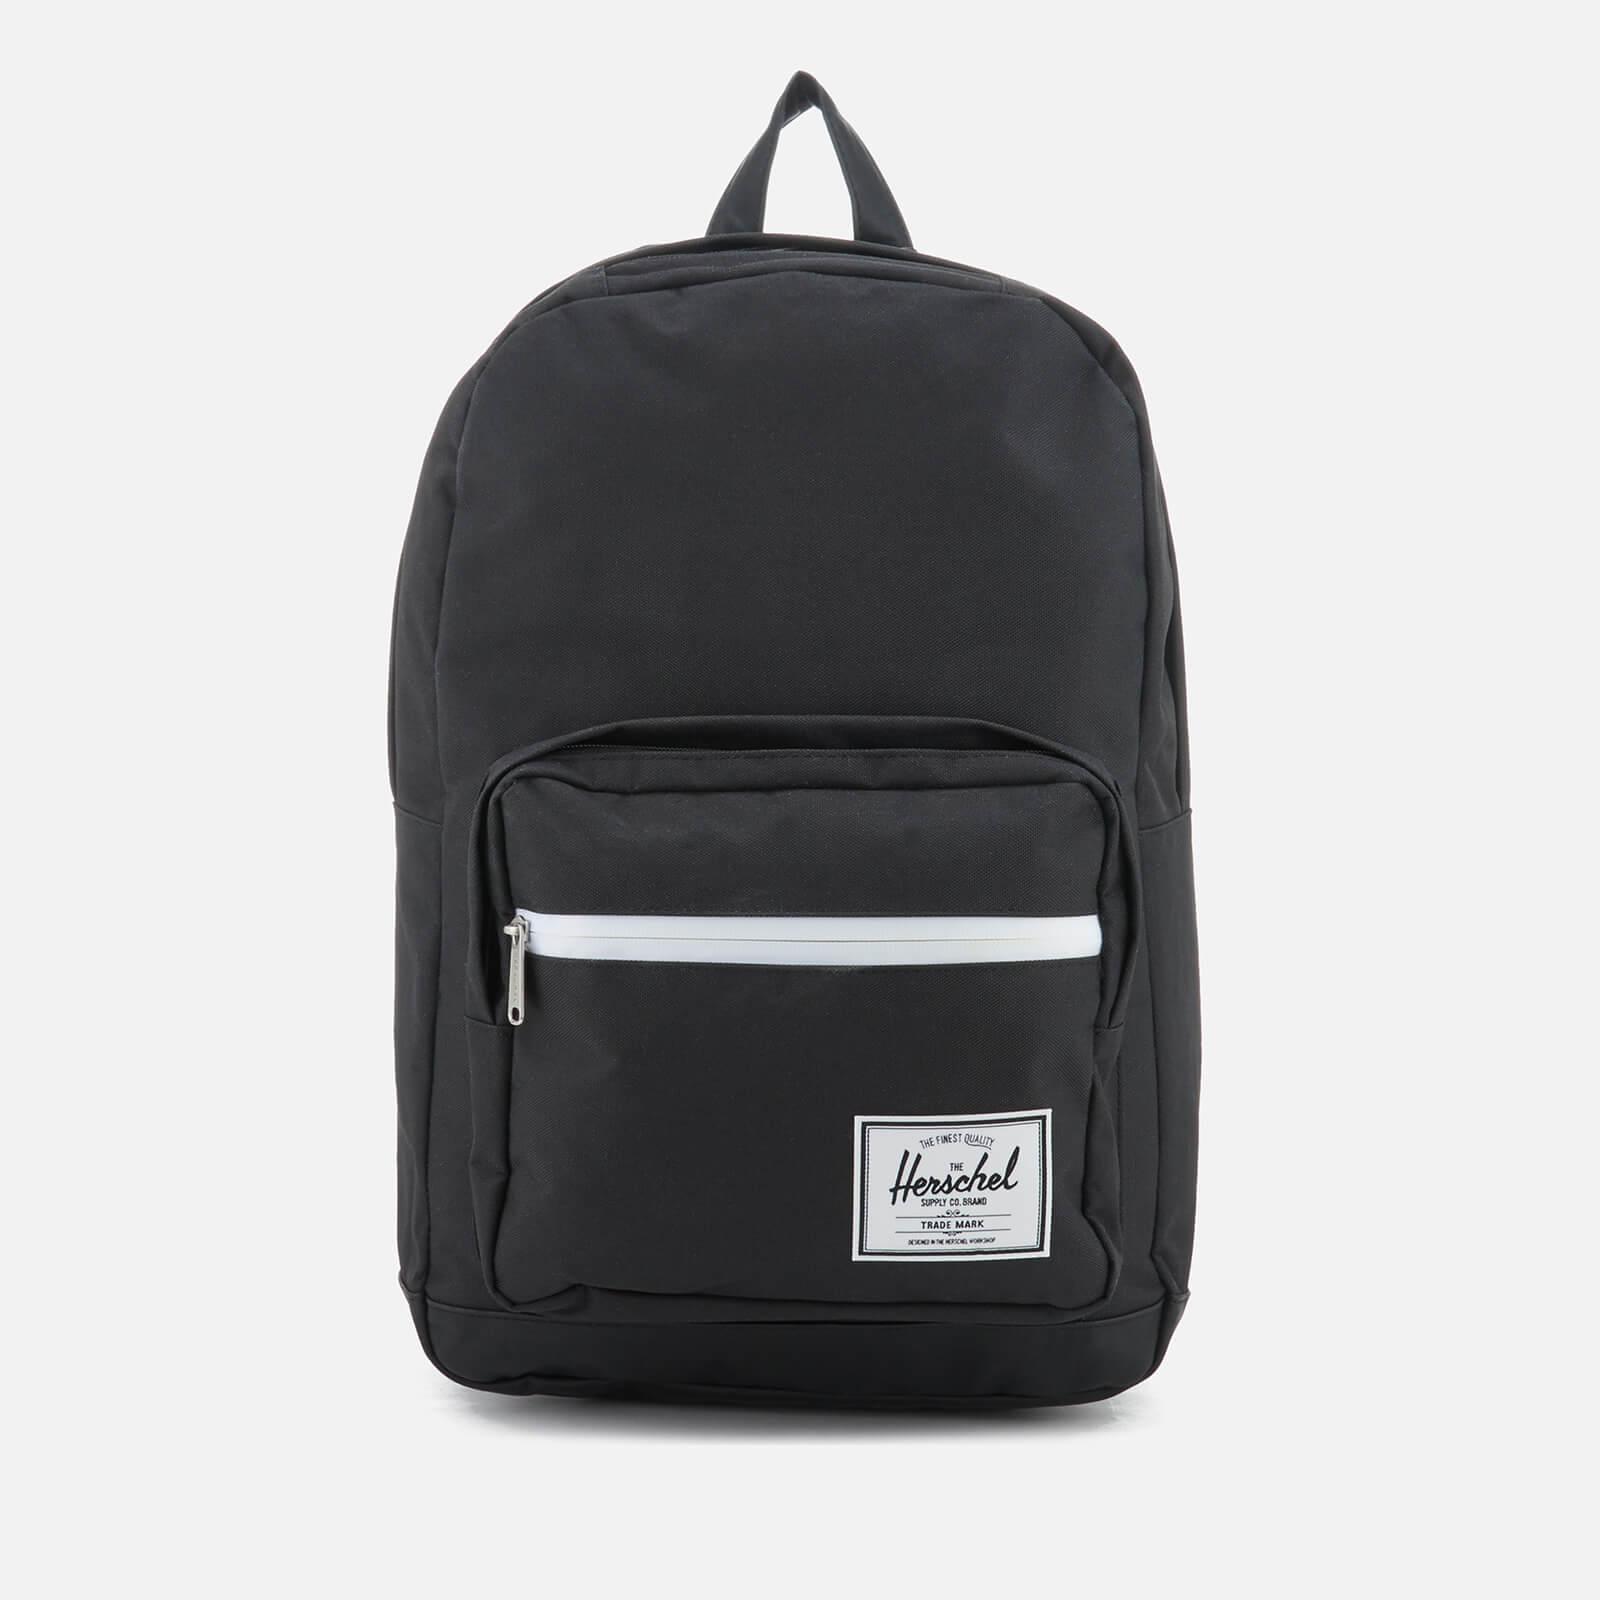 838a07ead42 Pop Quiz Backpack - Black Herschel Supply Co. Pop Quiz Backpack - Black